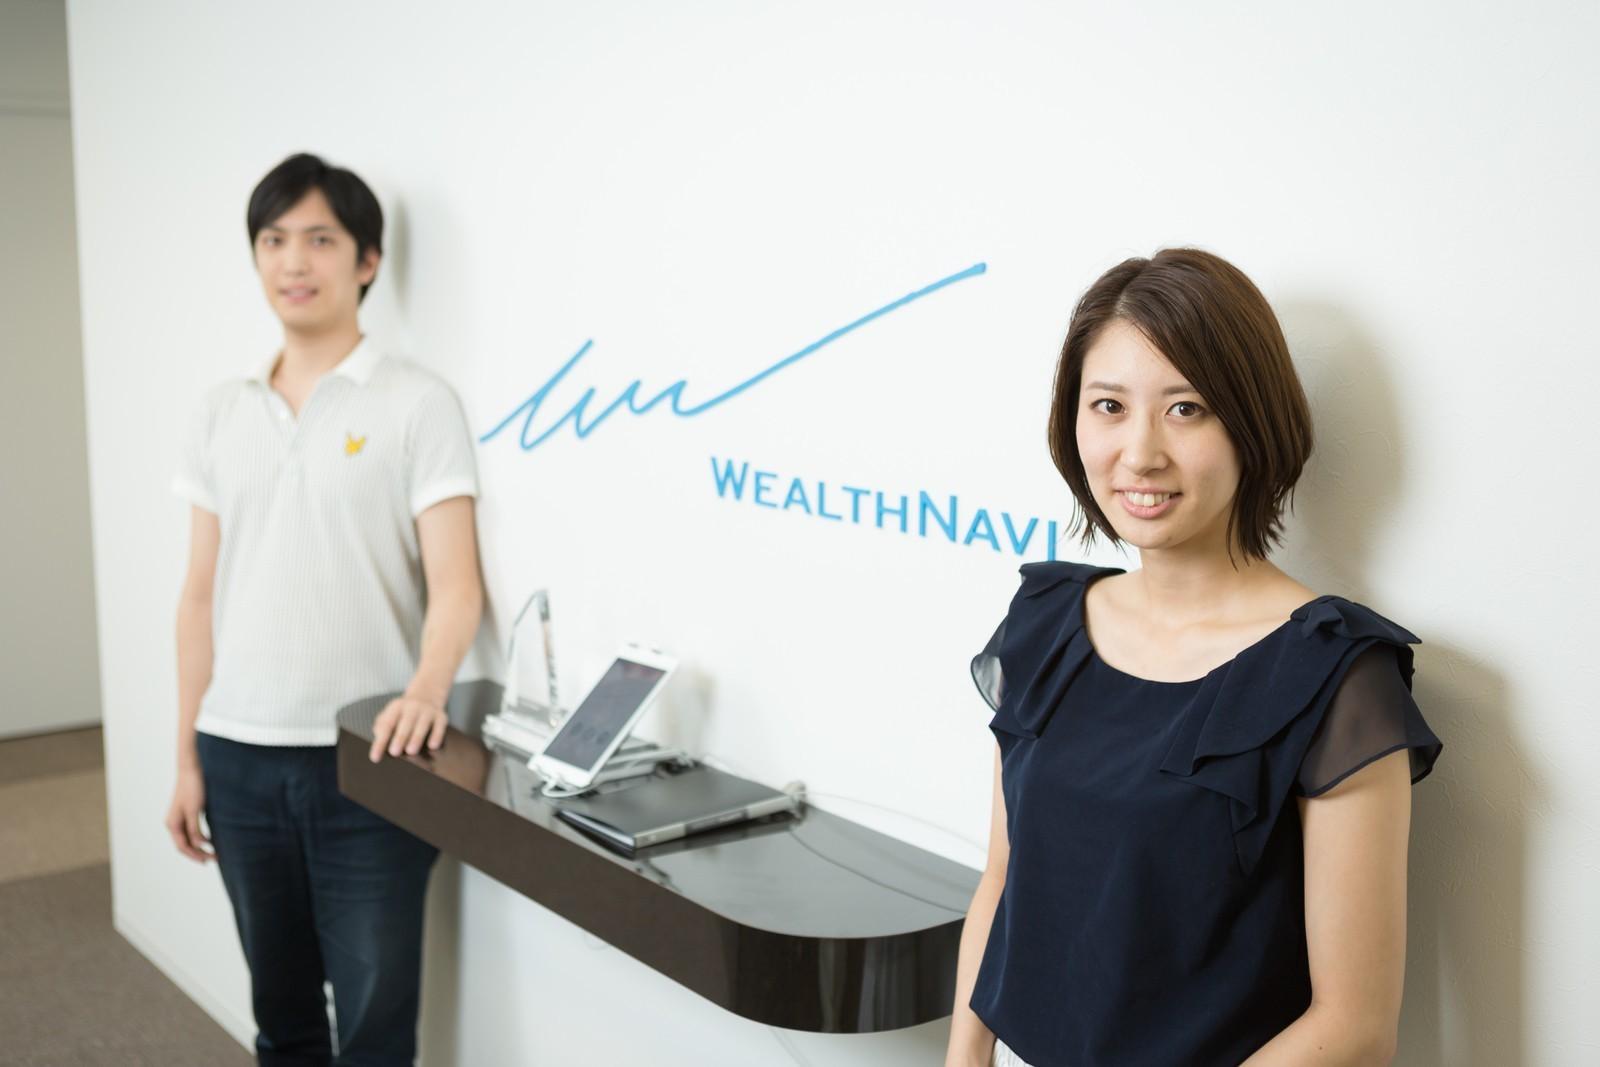 世界水準の資産運用とリスク管理をすべての人に。次世代金融サービス「WealthNavi」を開発する Javaエンジニアを募集!